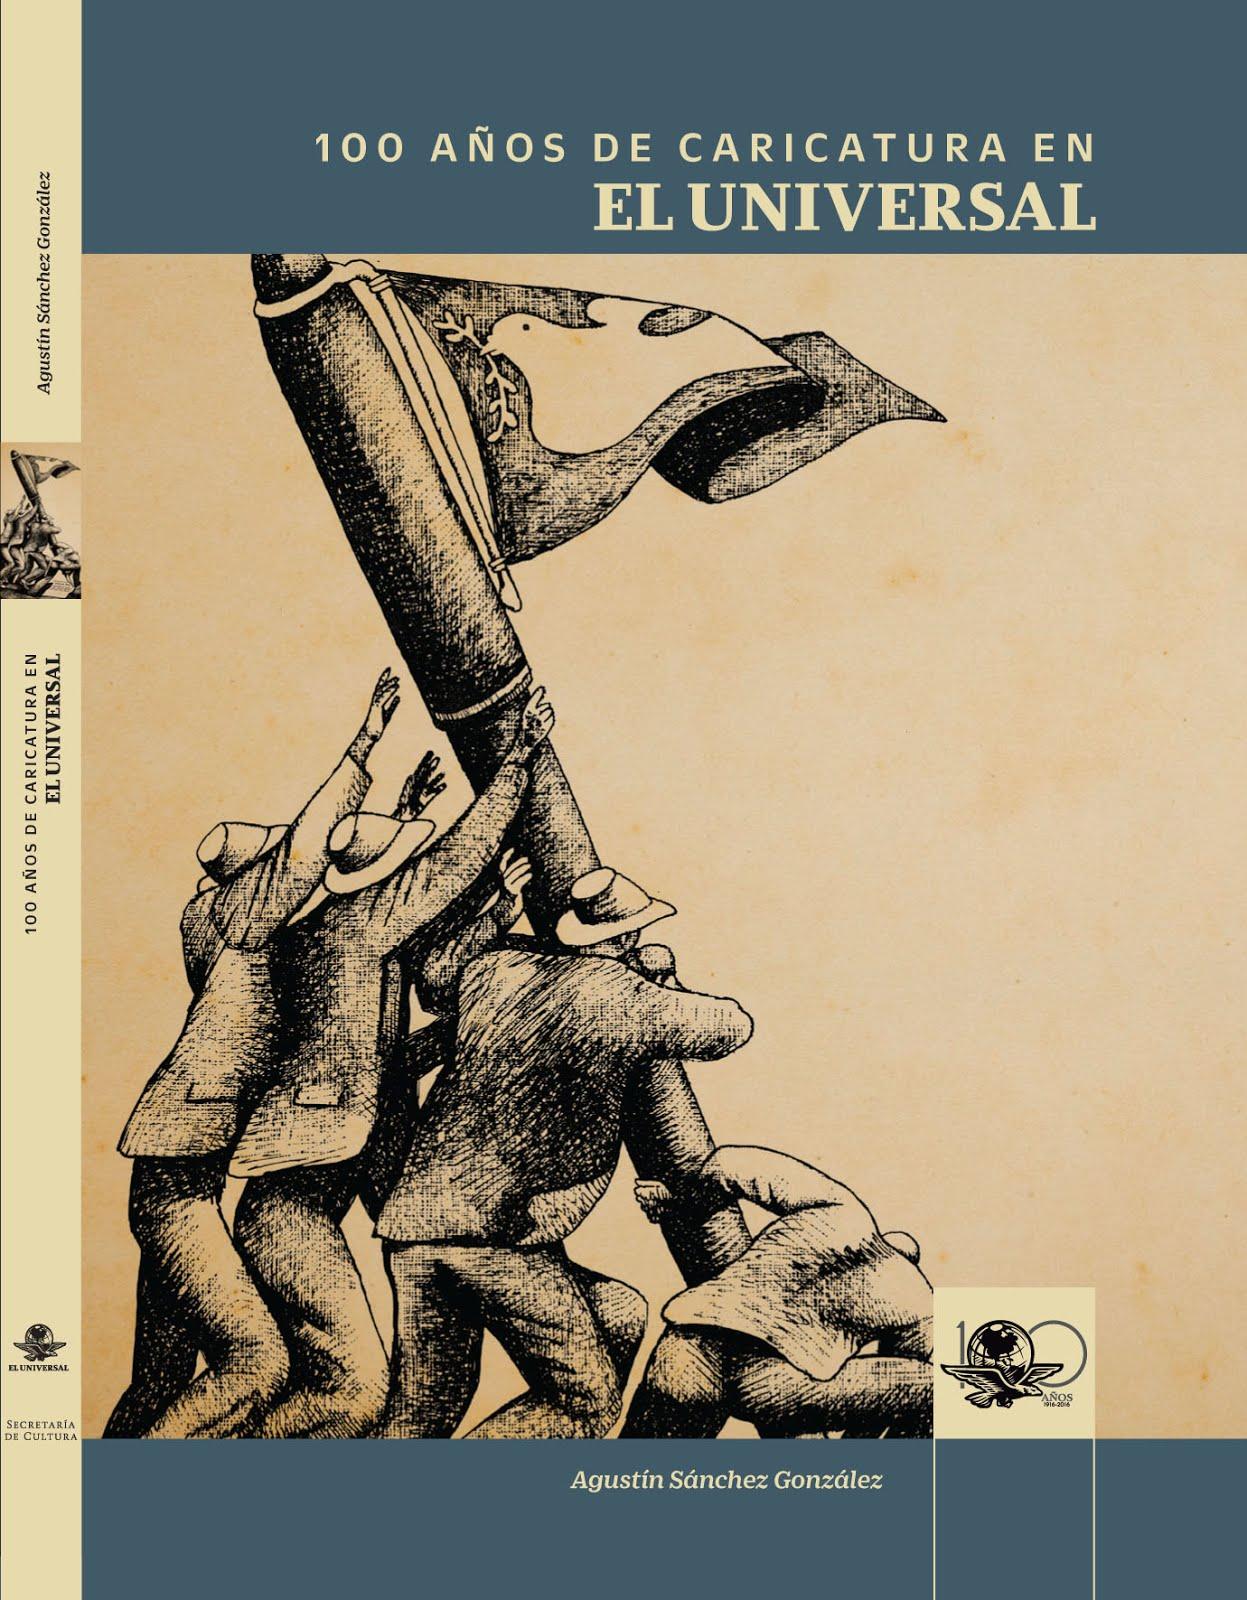 Cien años de caricatura de El Universal